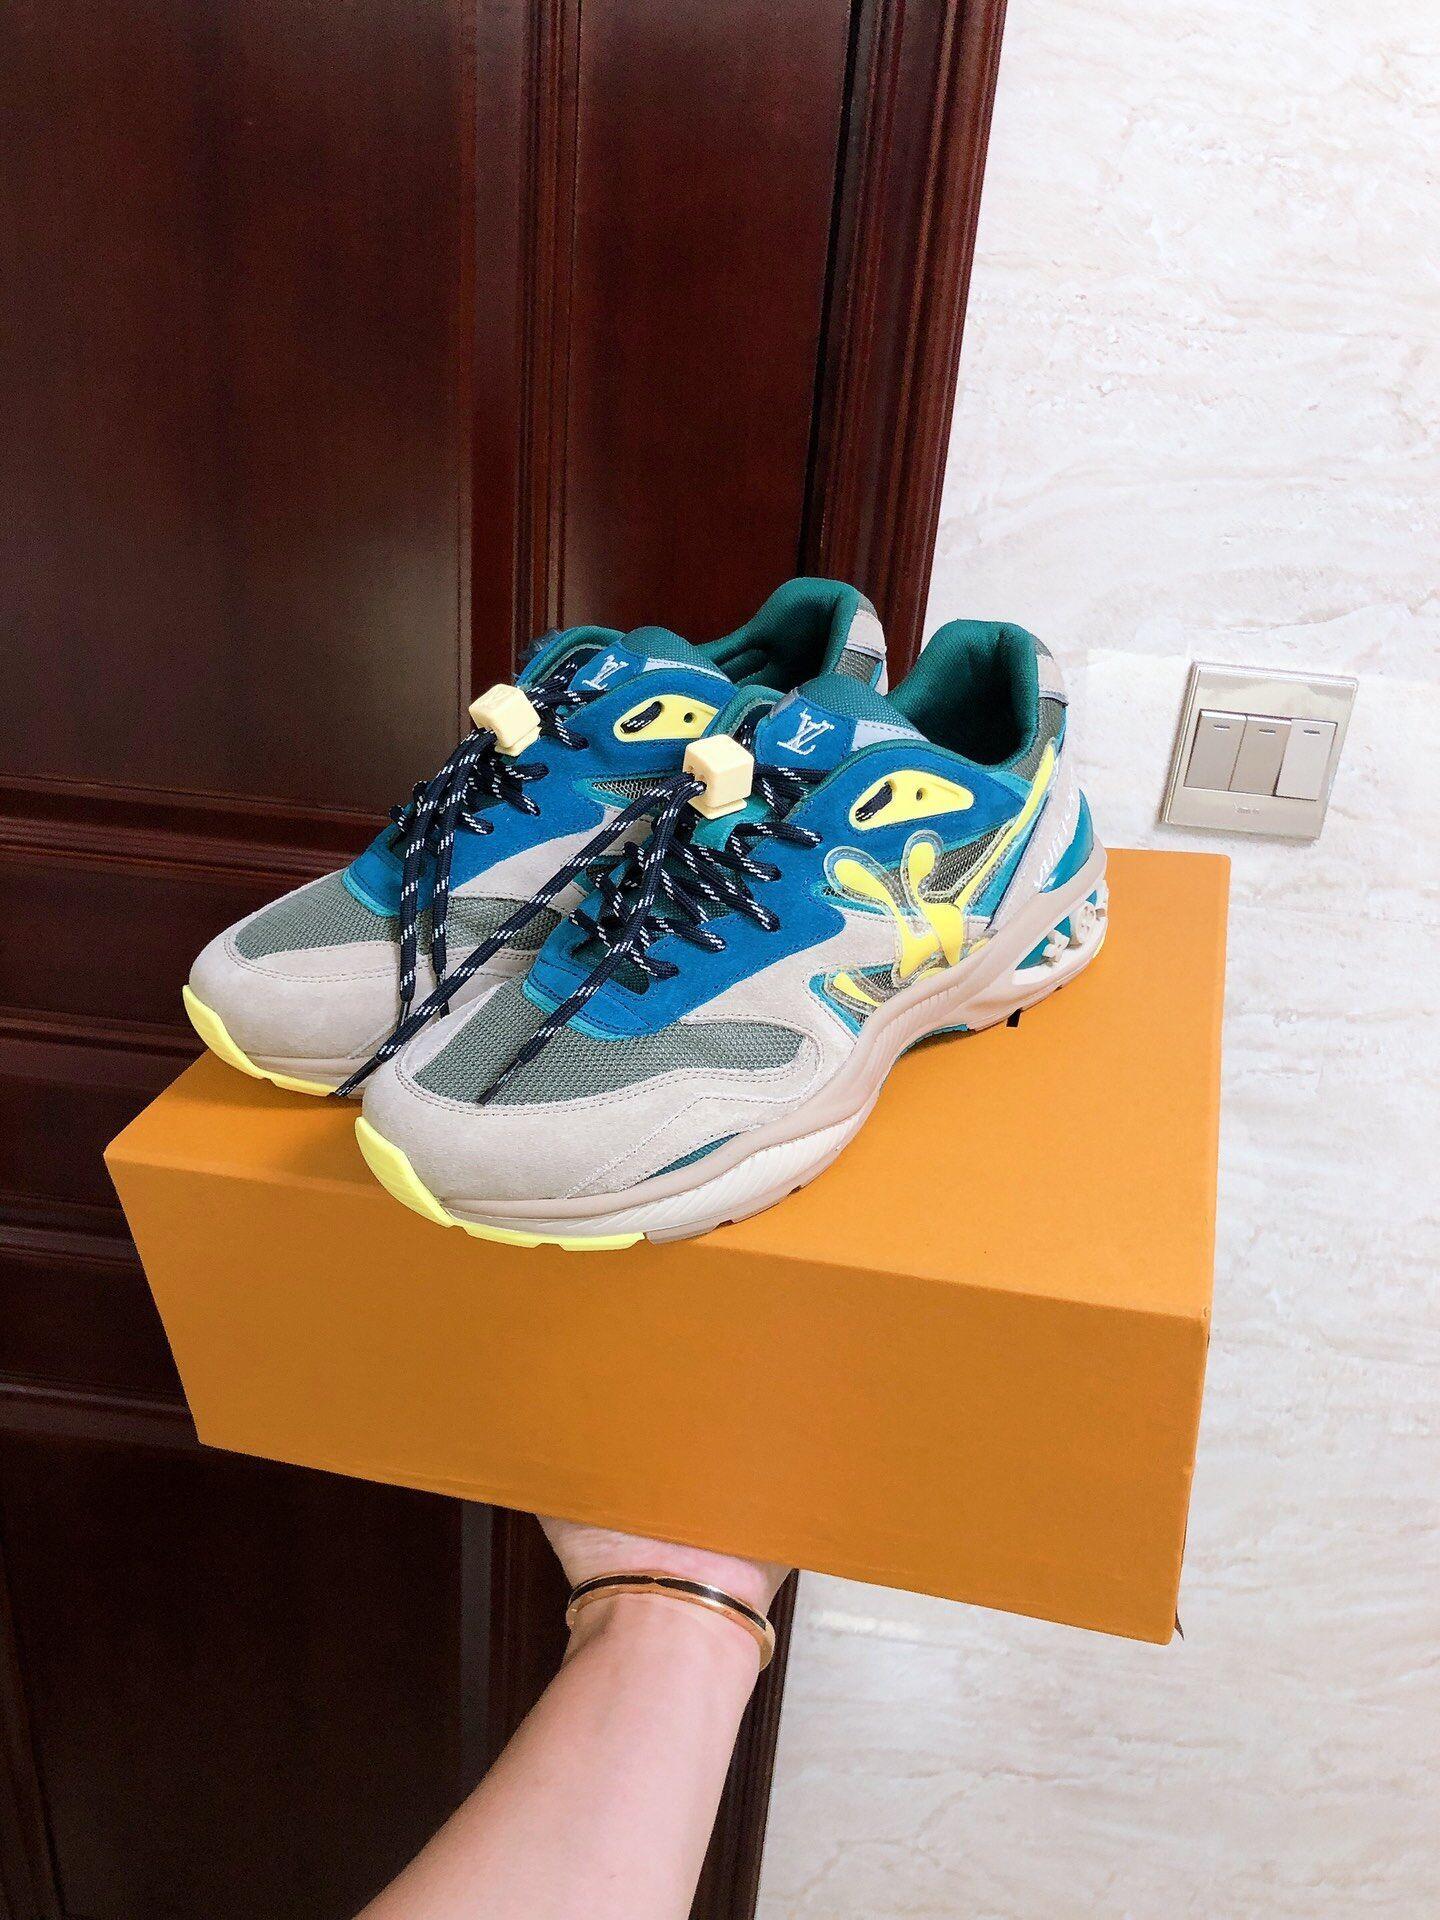 trail sneaker 1A7PEF    sneaker    men shoes    sneaker 1A7PEF  10